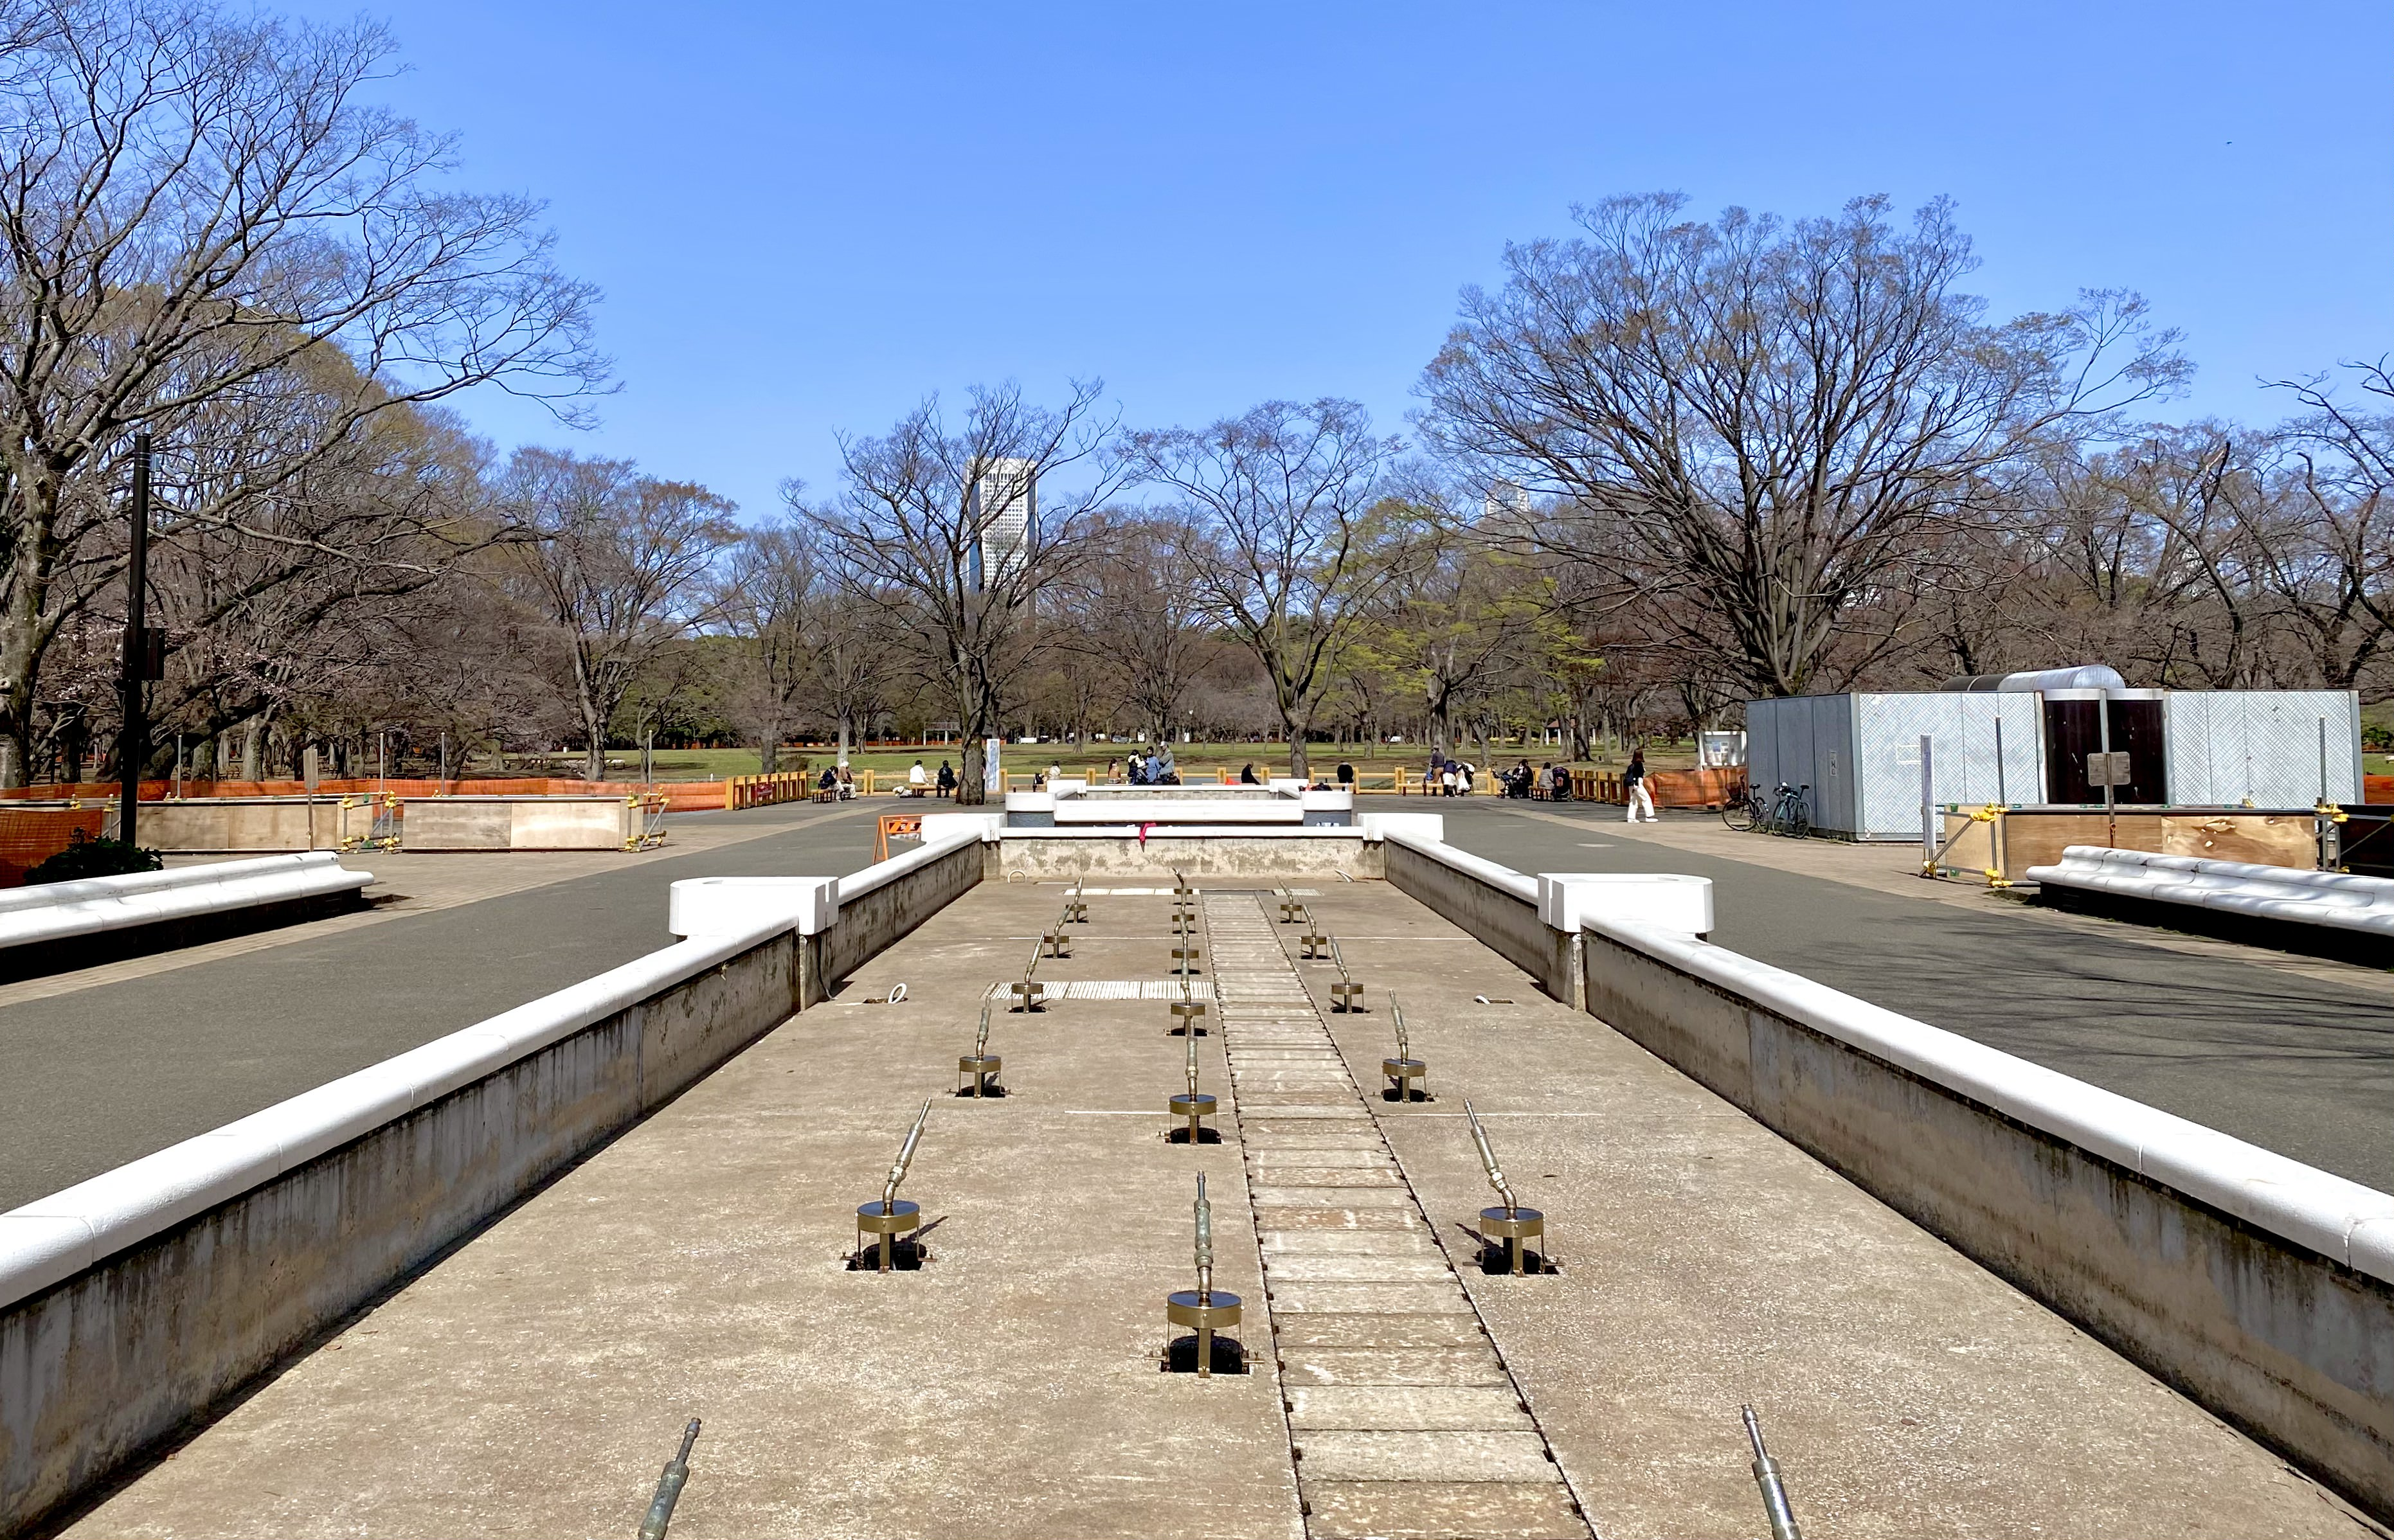 Un parque Yoyogi cerrado en Harajuku el 17 de marzo (foto: Daryl Harding)